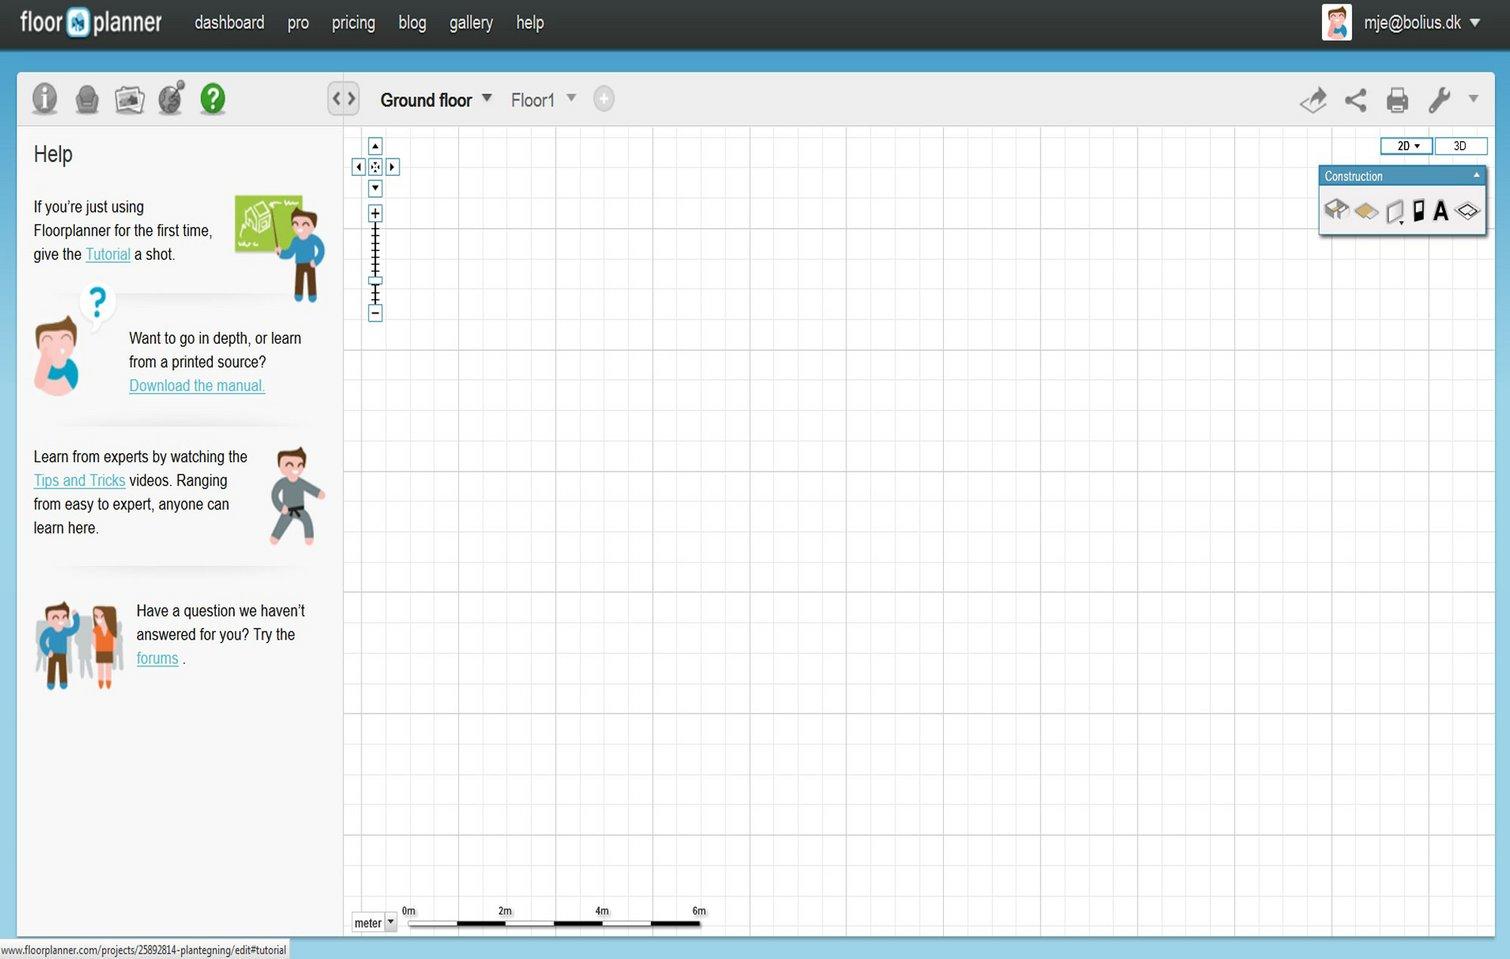 Gratis match gør software online